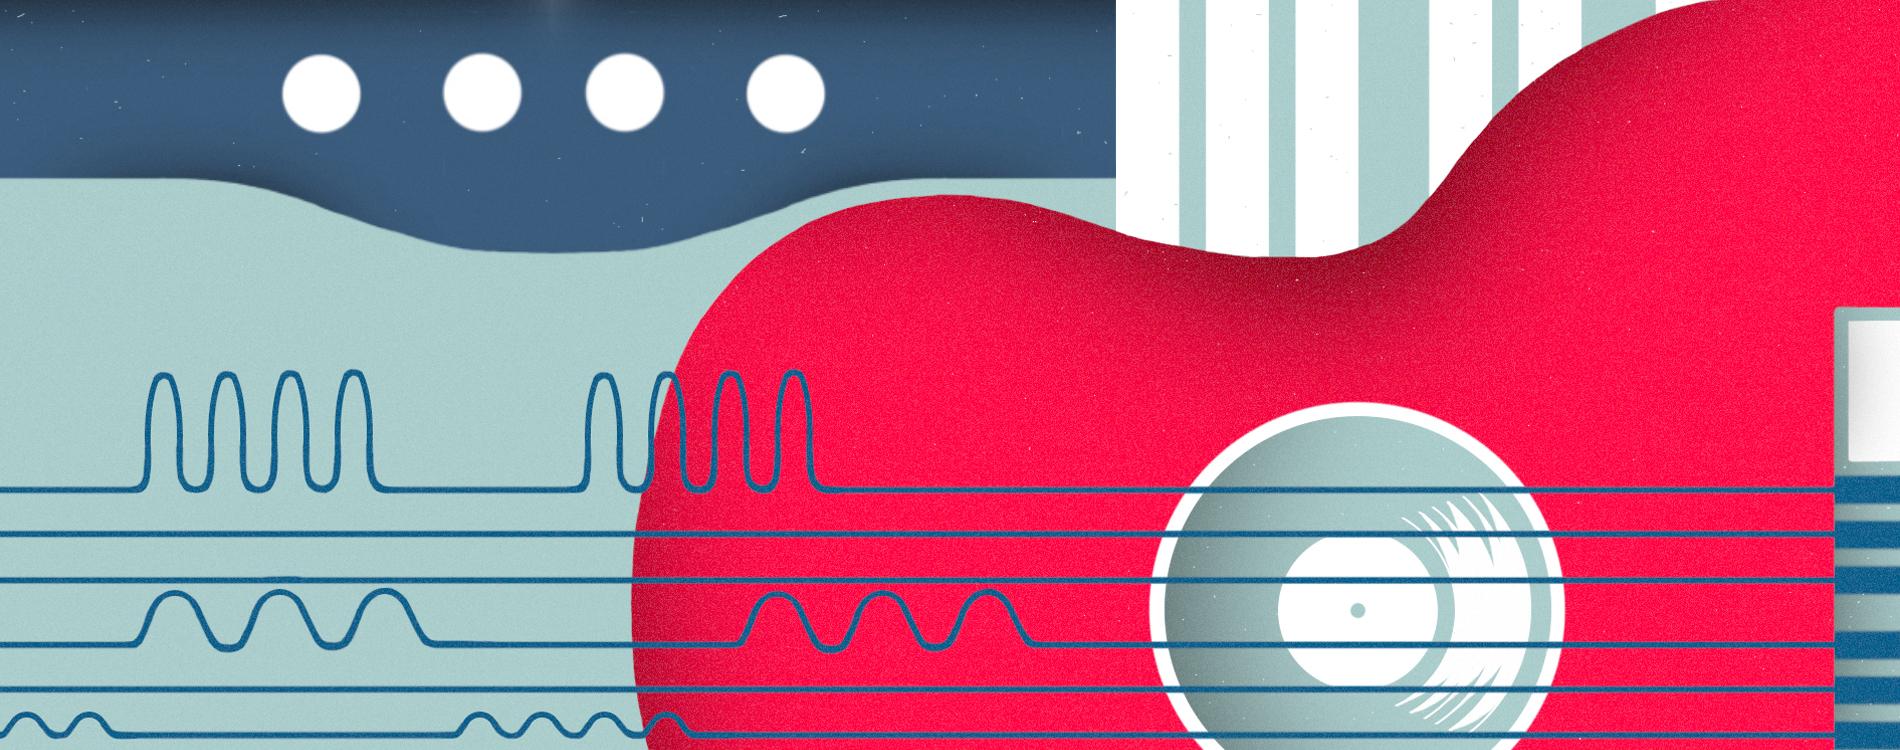 Vivir de lo que nos apasiona, una crisis moderna - Radio Cantilo